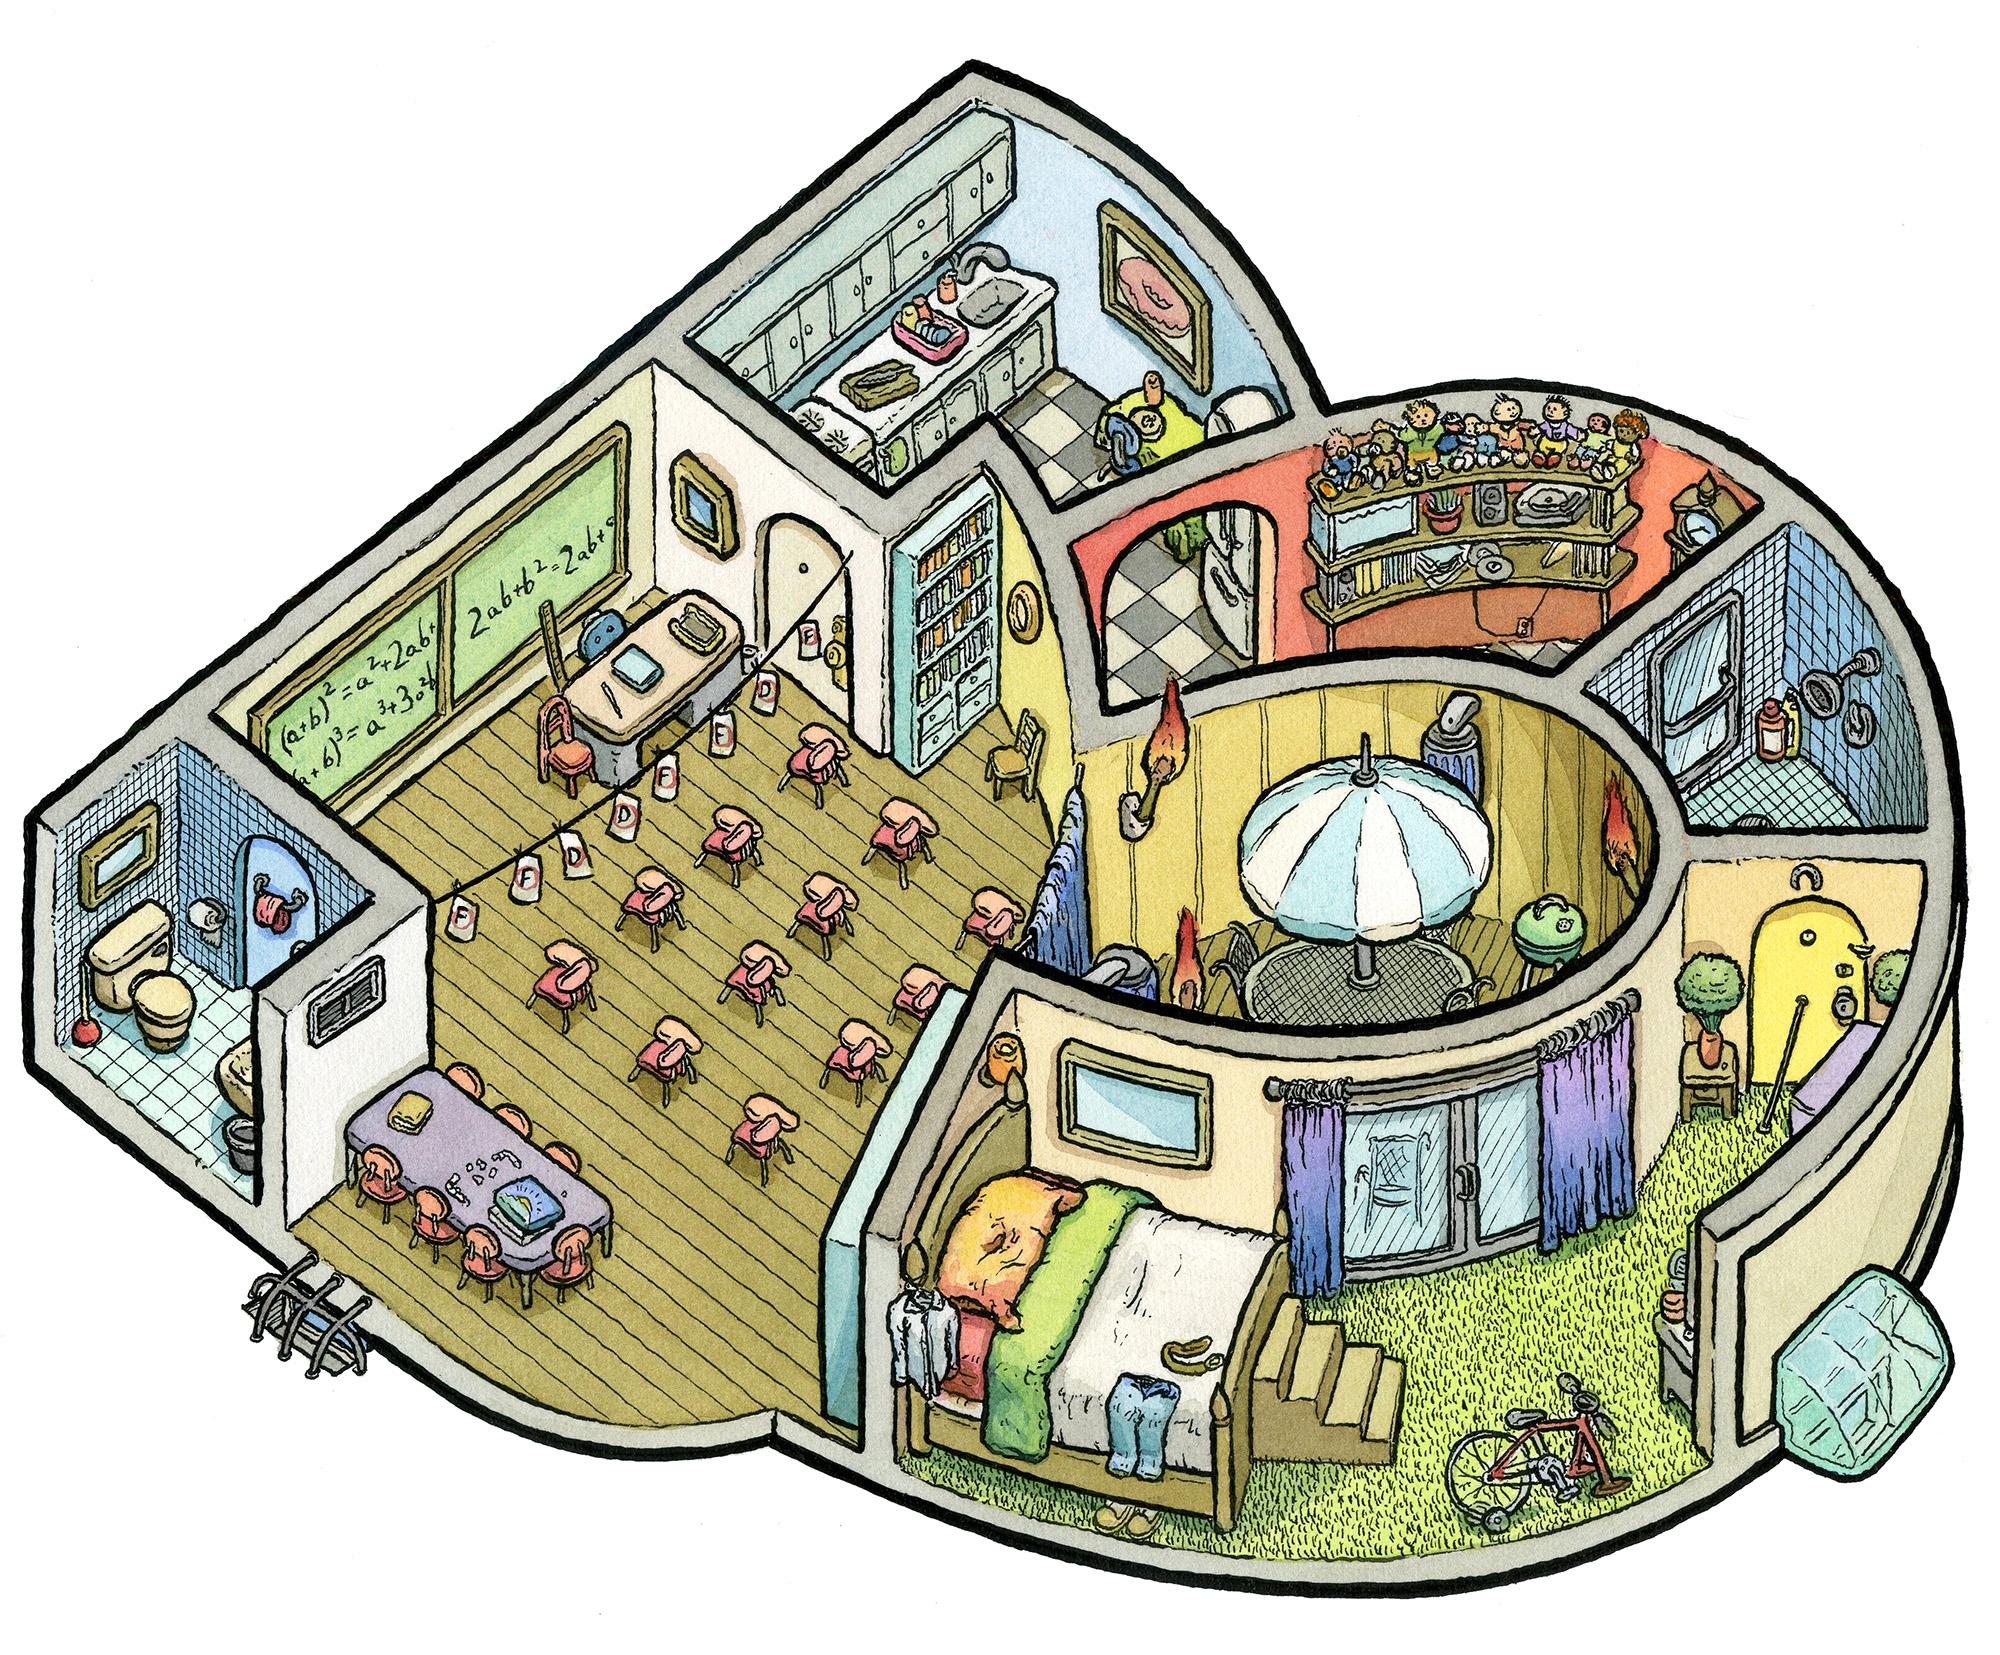 3: Mean Math Tutor Dwelling